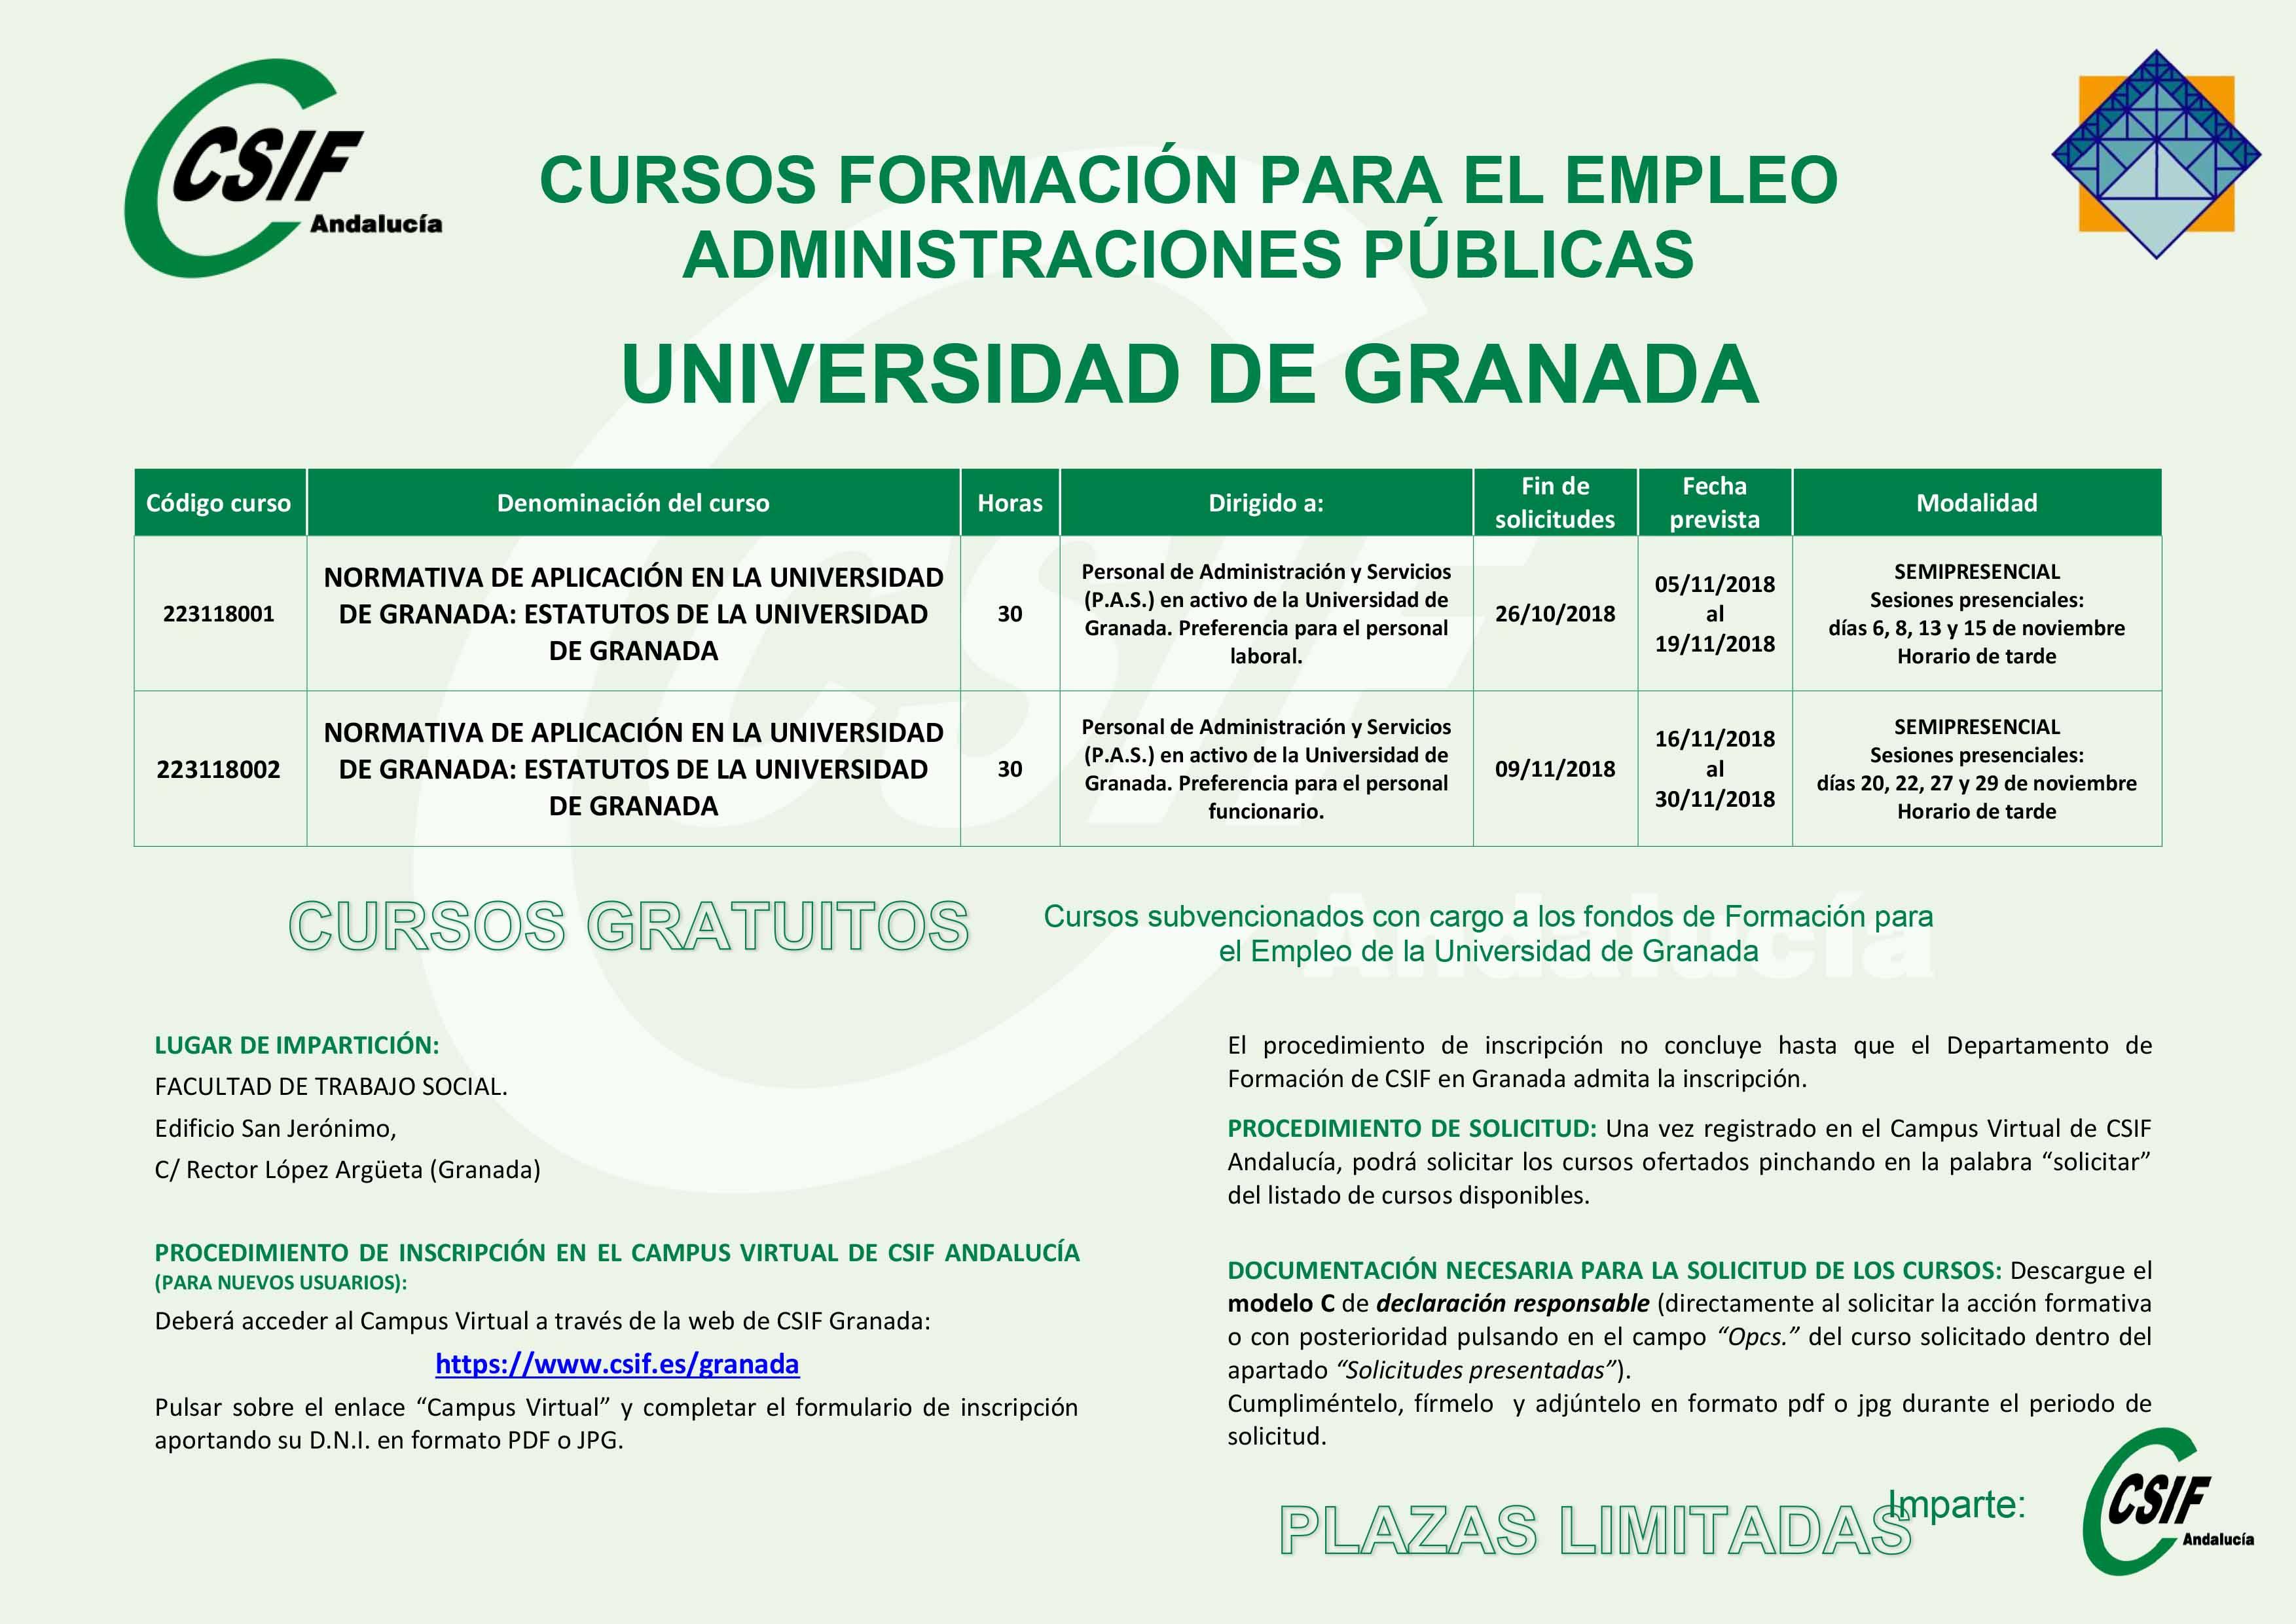 Curso CSIF Universidad de Granada